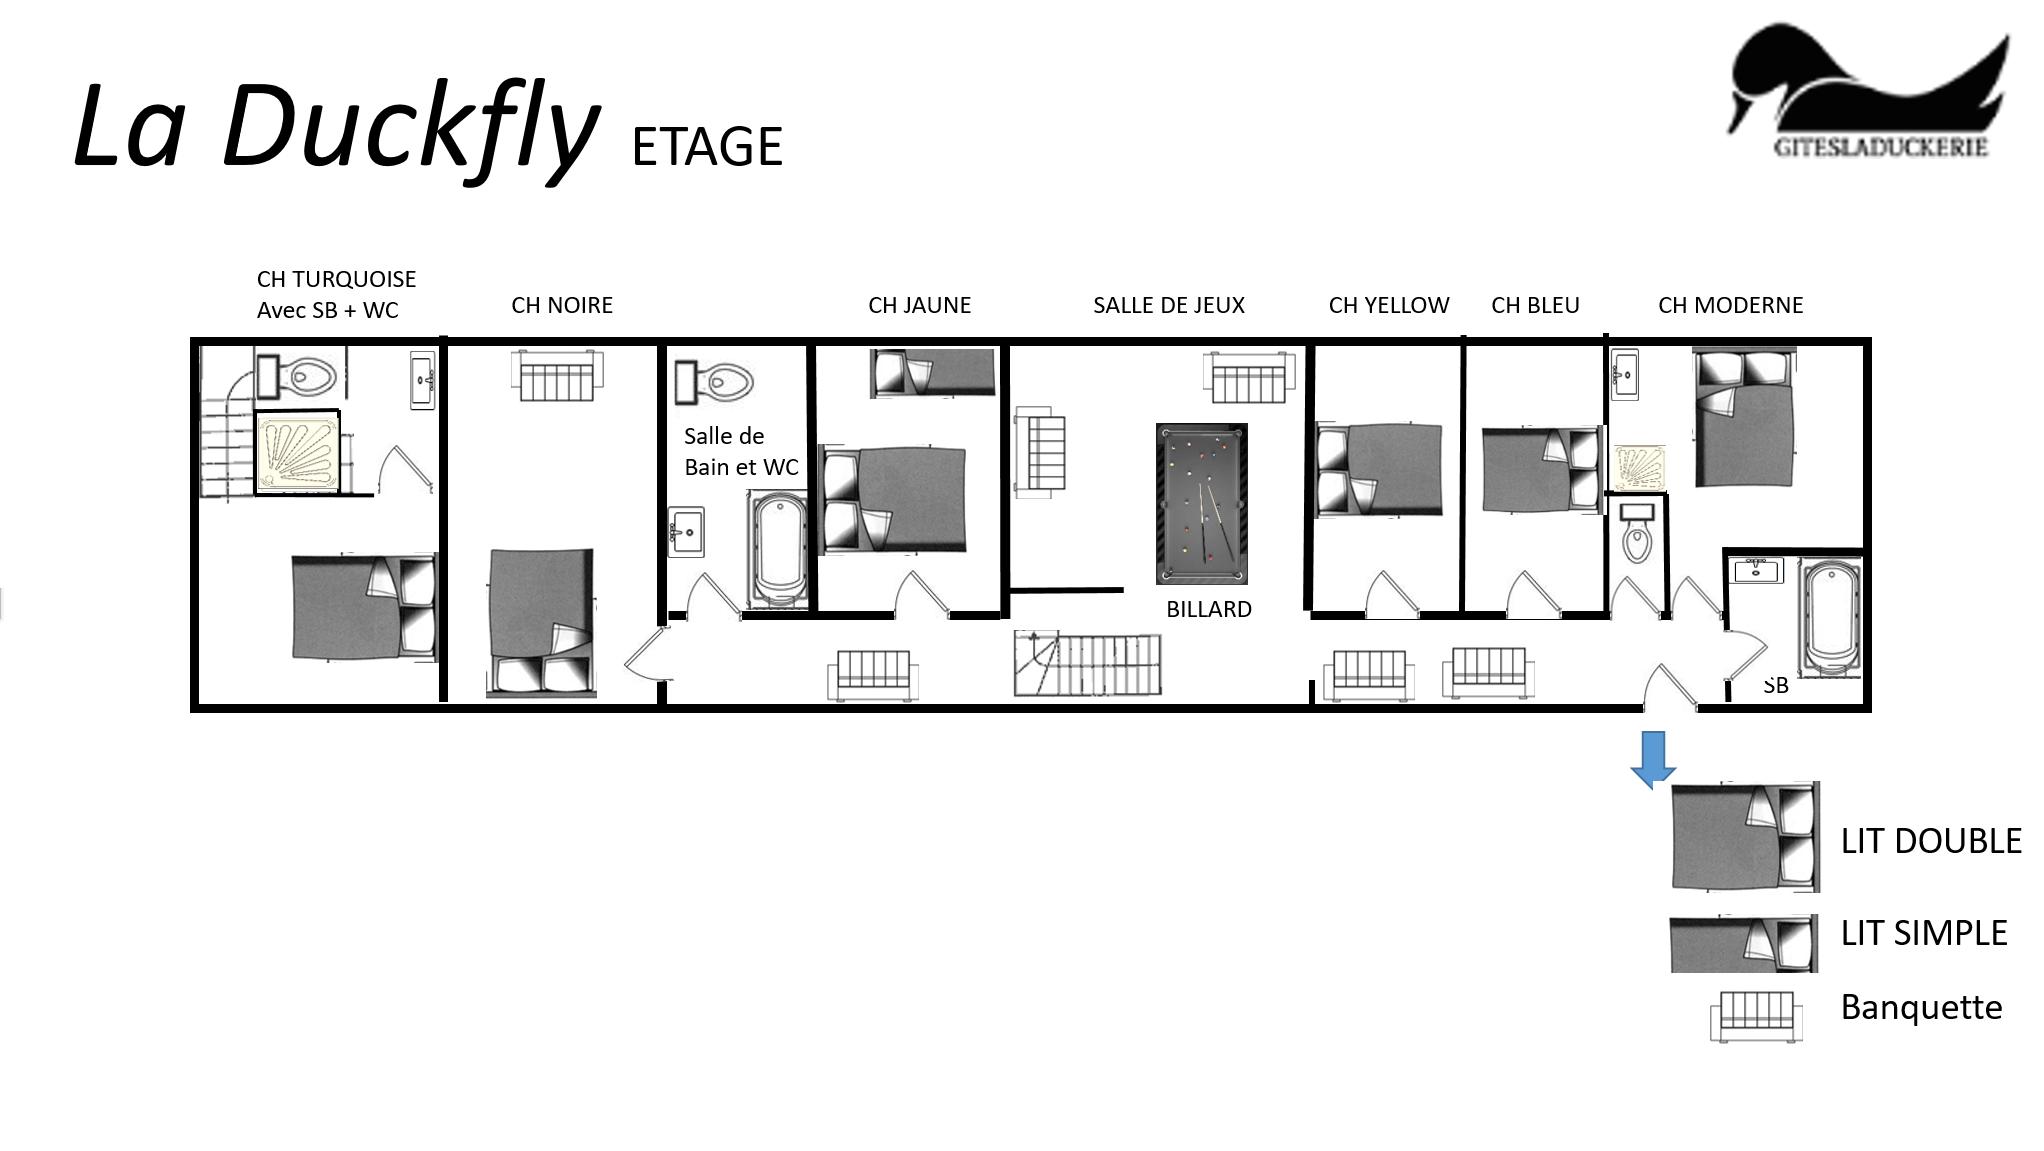 Duckfly plans 1er - LA DUCKFLY - Location de Gite La Clef Decamp - Laclefdecamp.fr